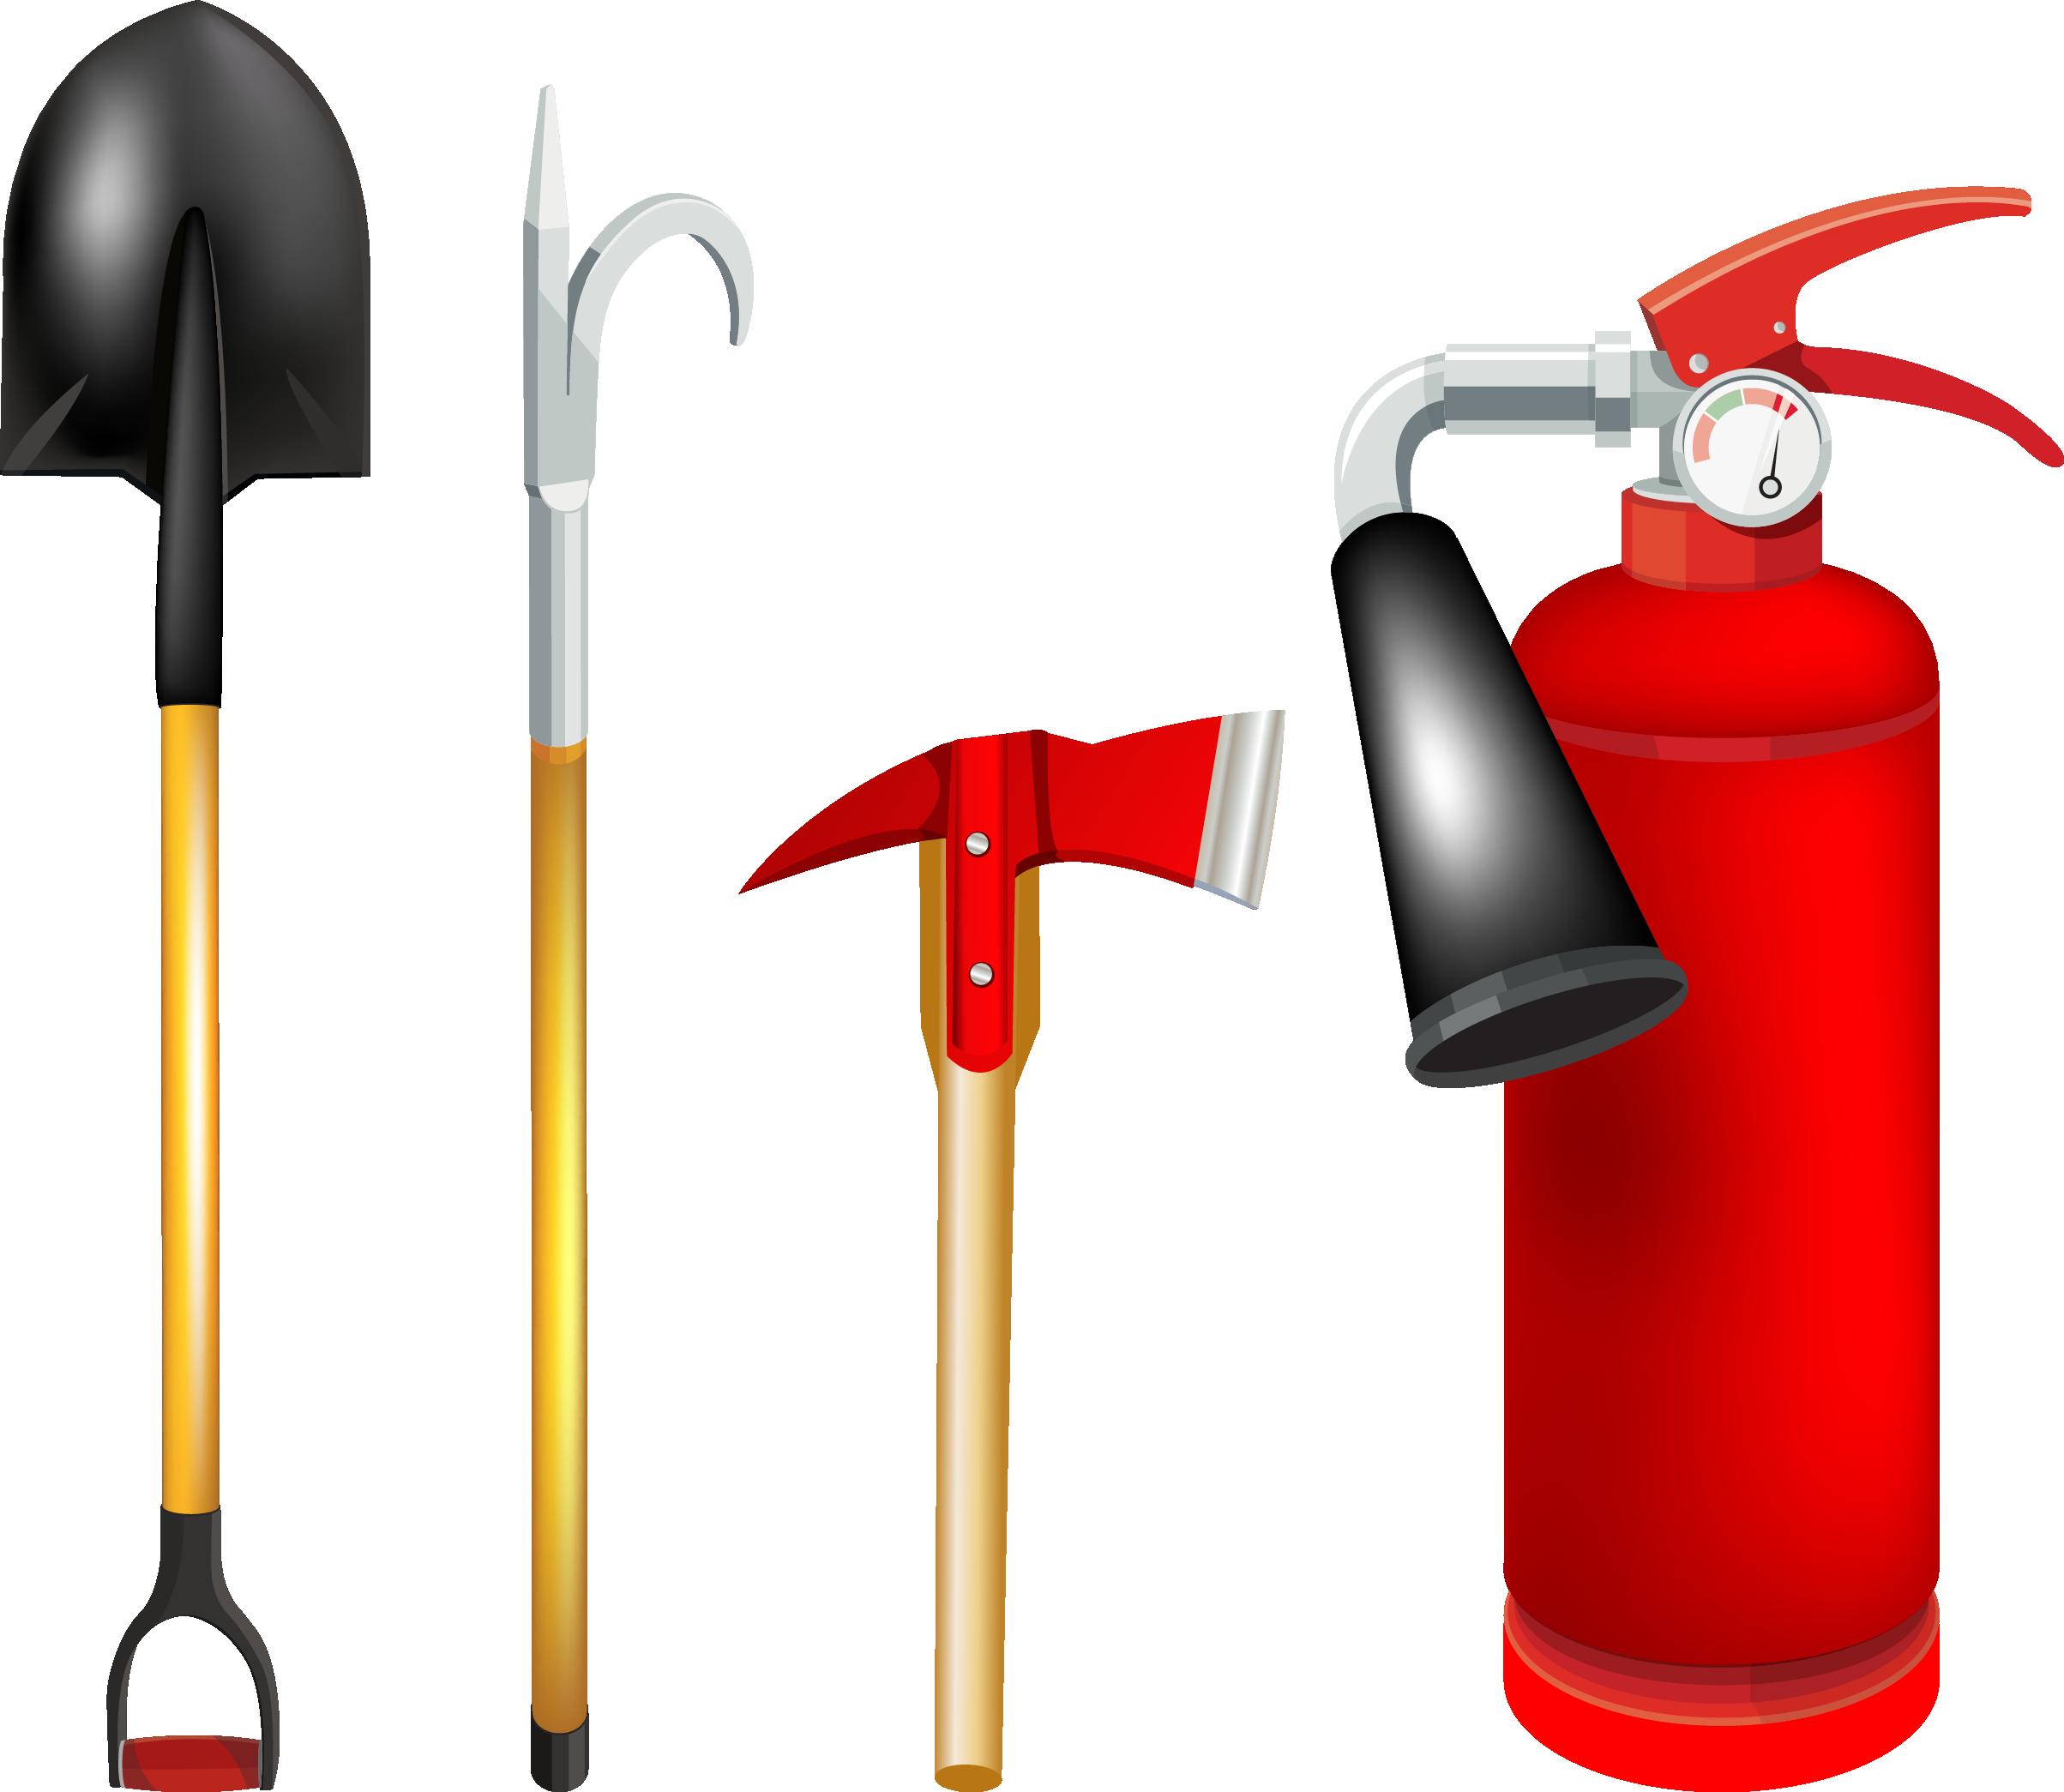 Картинки для детей пожарные принадлежности, открытки мерцающие